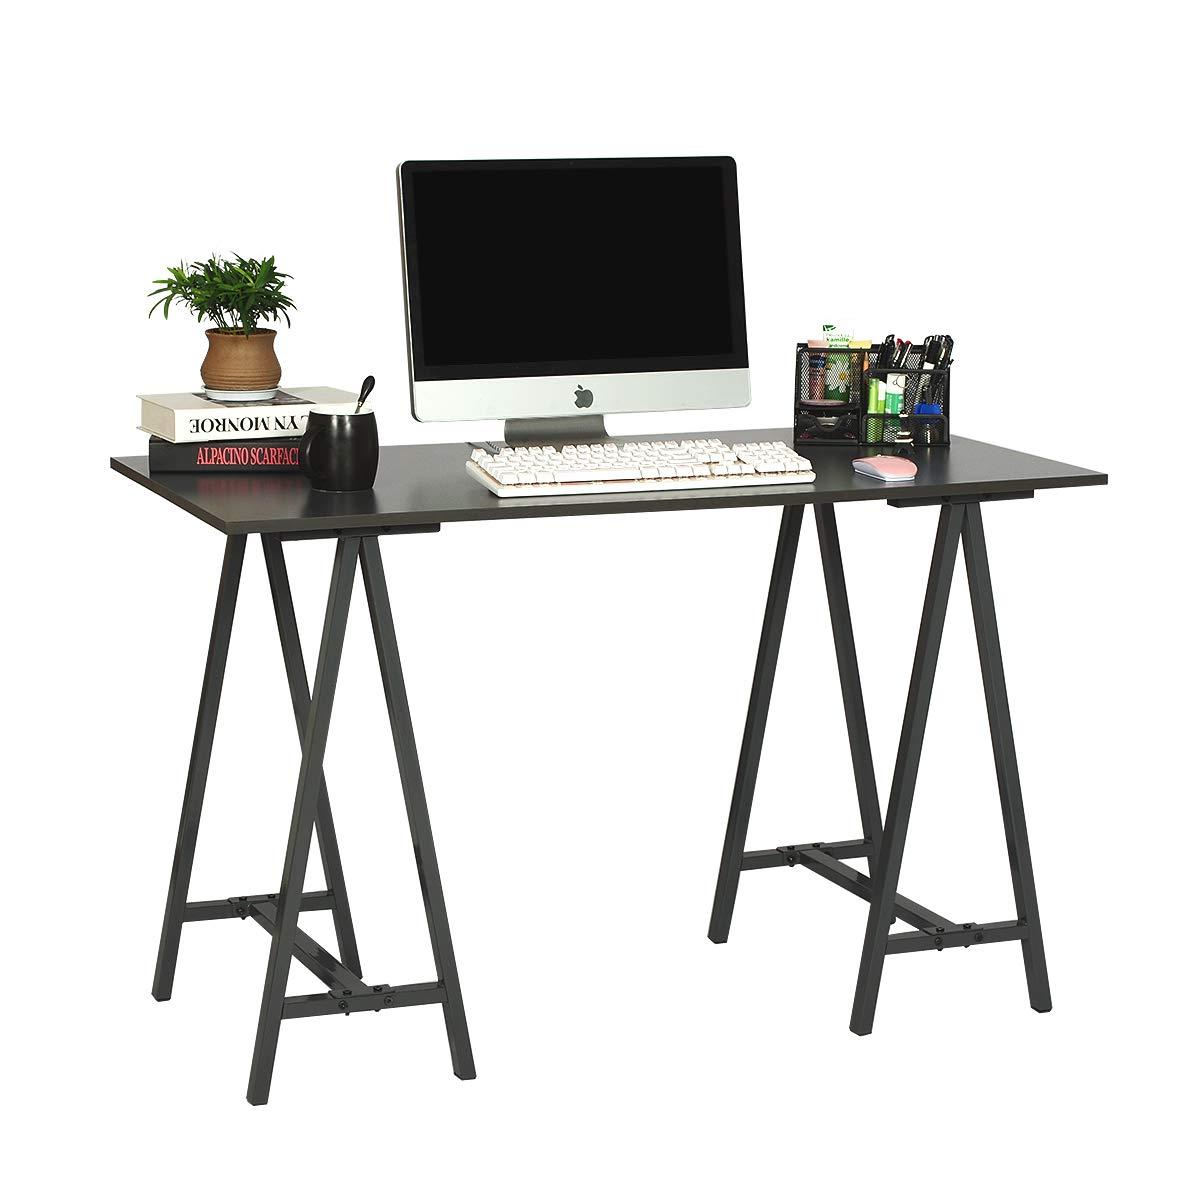 WLIVE Corner Computer Desk with Bookshelves and File Cabinet L-Shaped Desk in Black